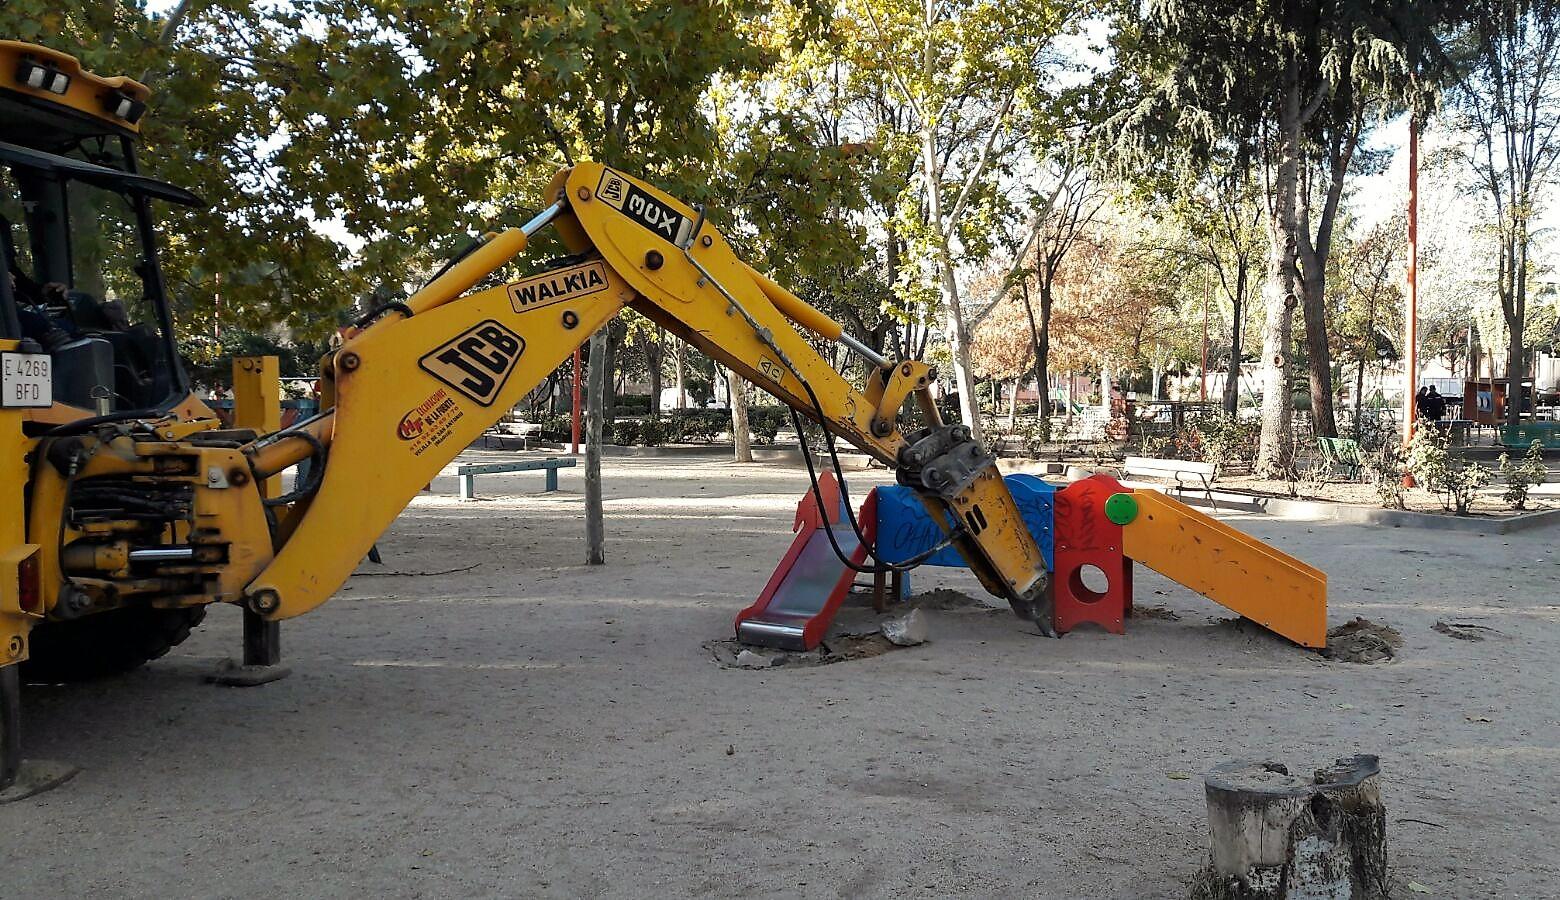 Comienzan las obras de remodelación del parque Catalina Muñoz